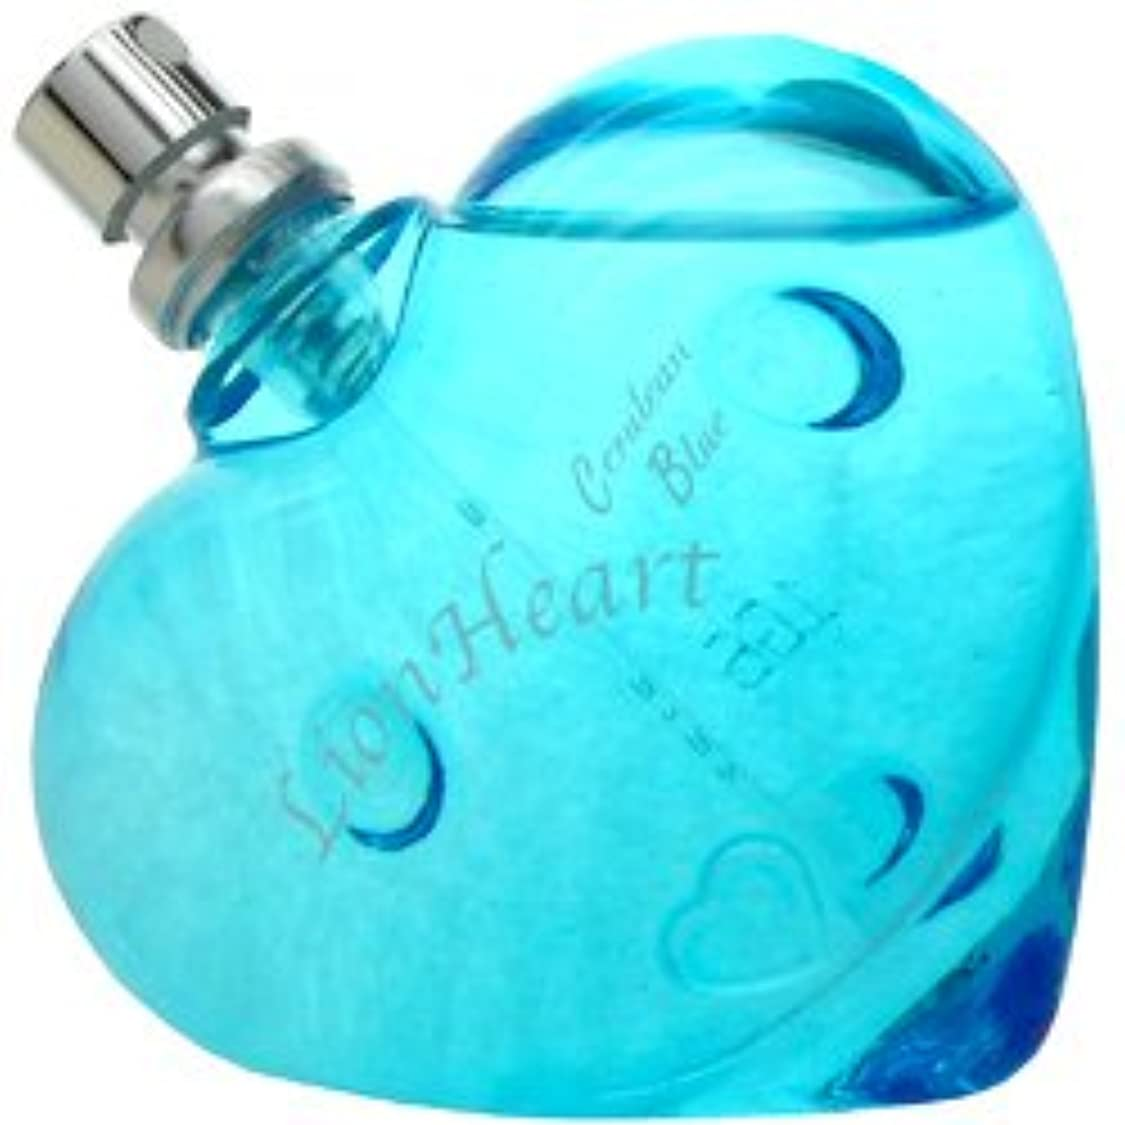 より良い受け入れる空◆テスター品【AngelHeart】Unisex香水◆エンジェルハート ライオンハート セルリアンブルーEDT 50ml◆